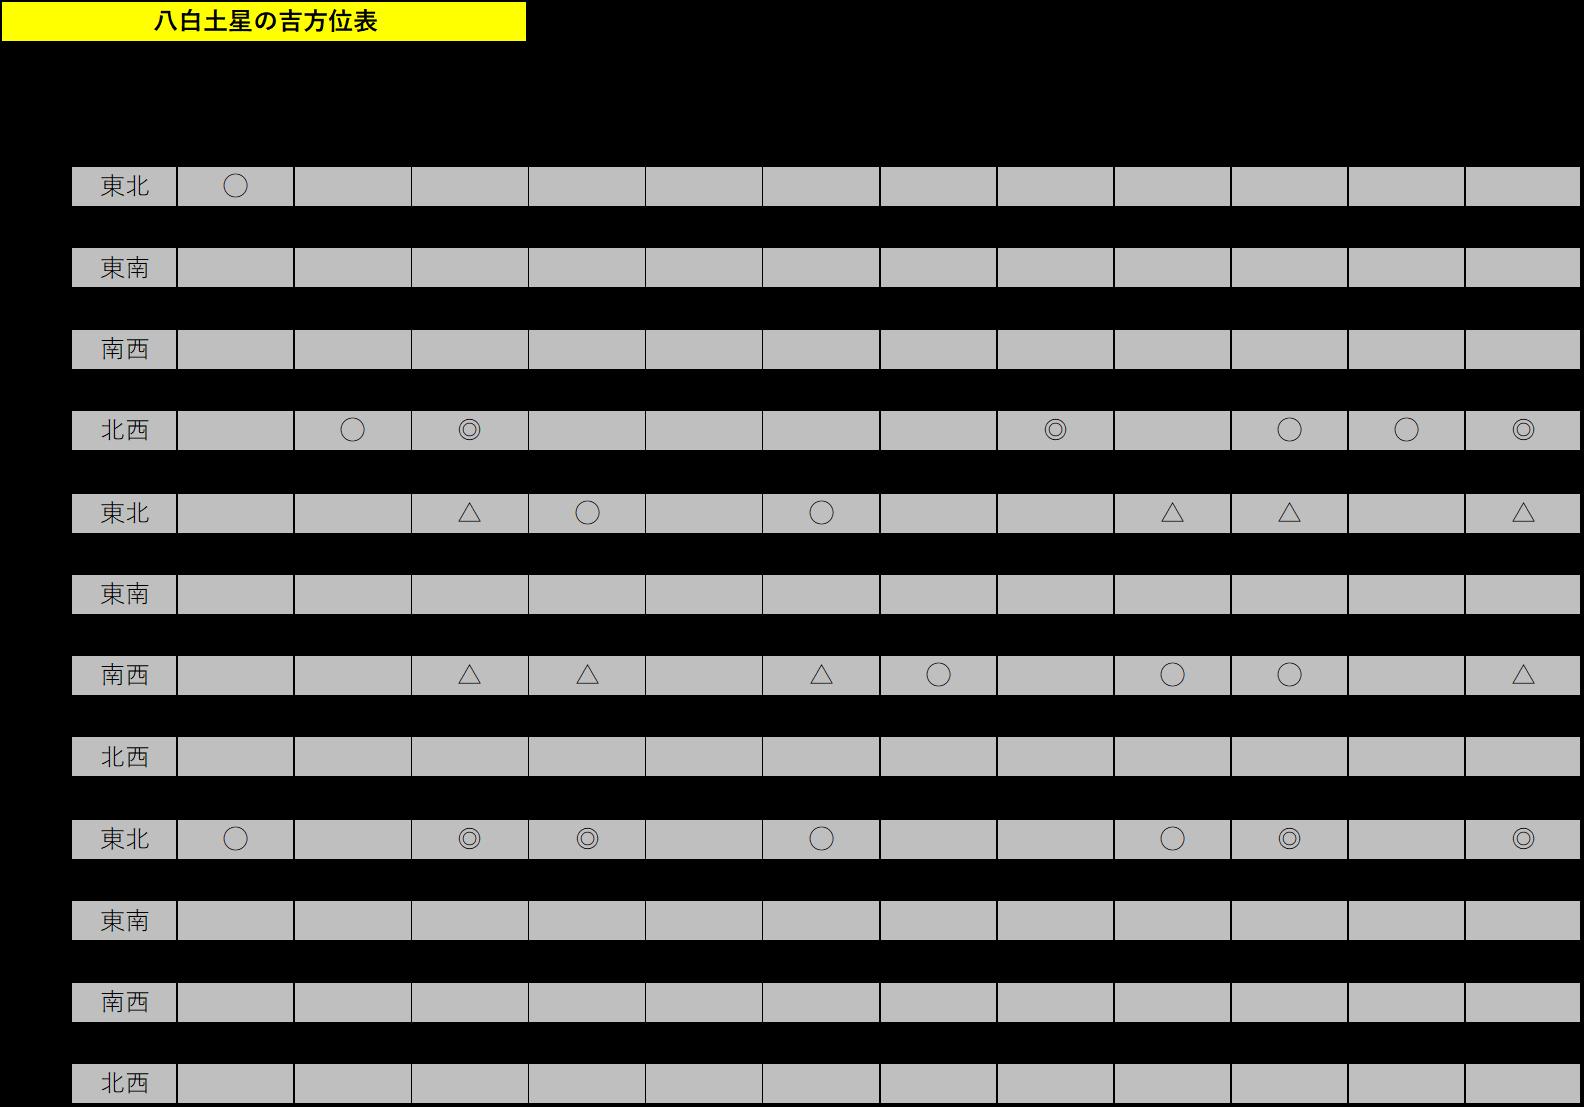 八白土星の吉方位表